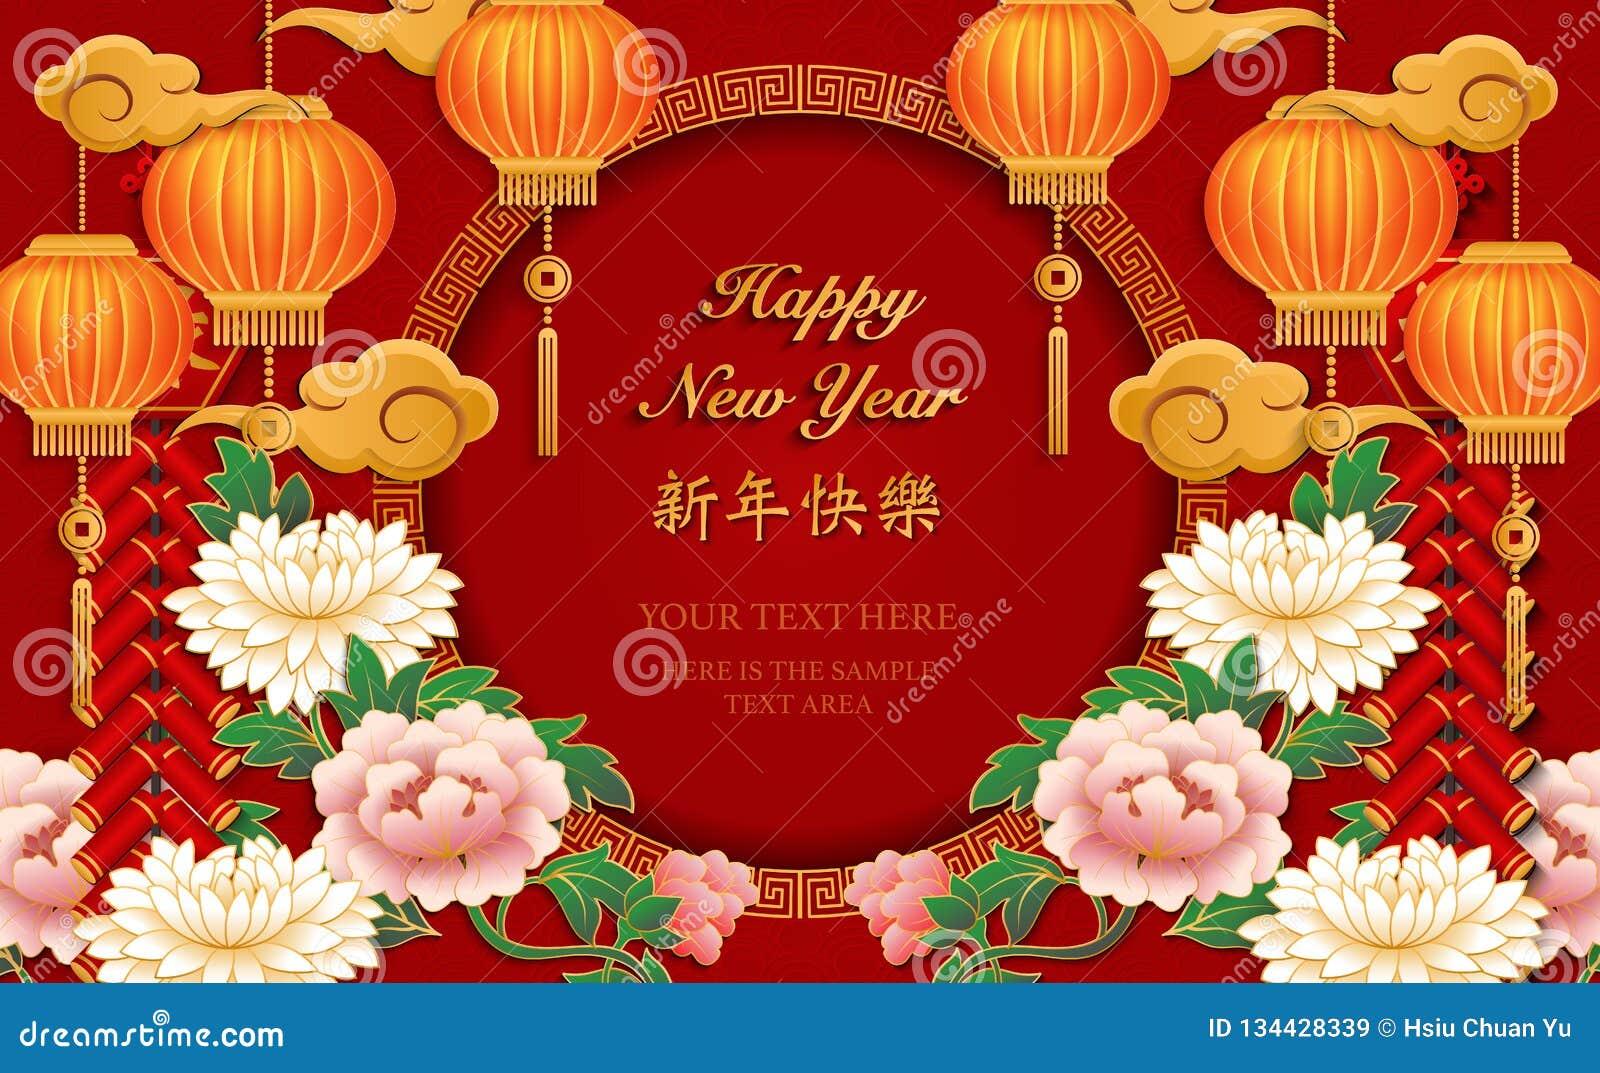 愉快的春节减速火箭的金子安心红色桃红色牡丹花灯笼云彩爆竹和装饰圆的框架